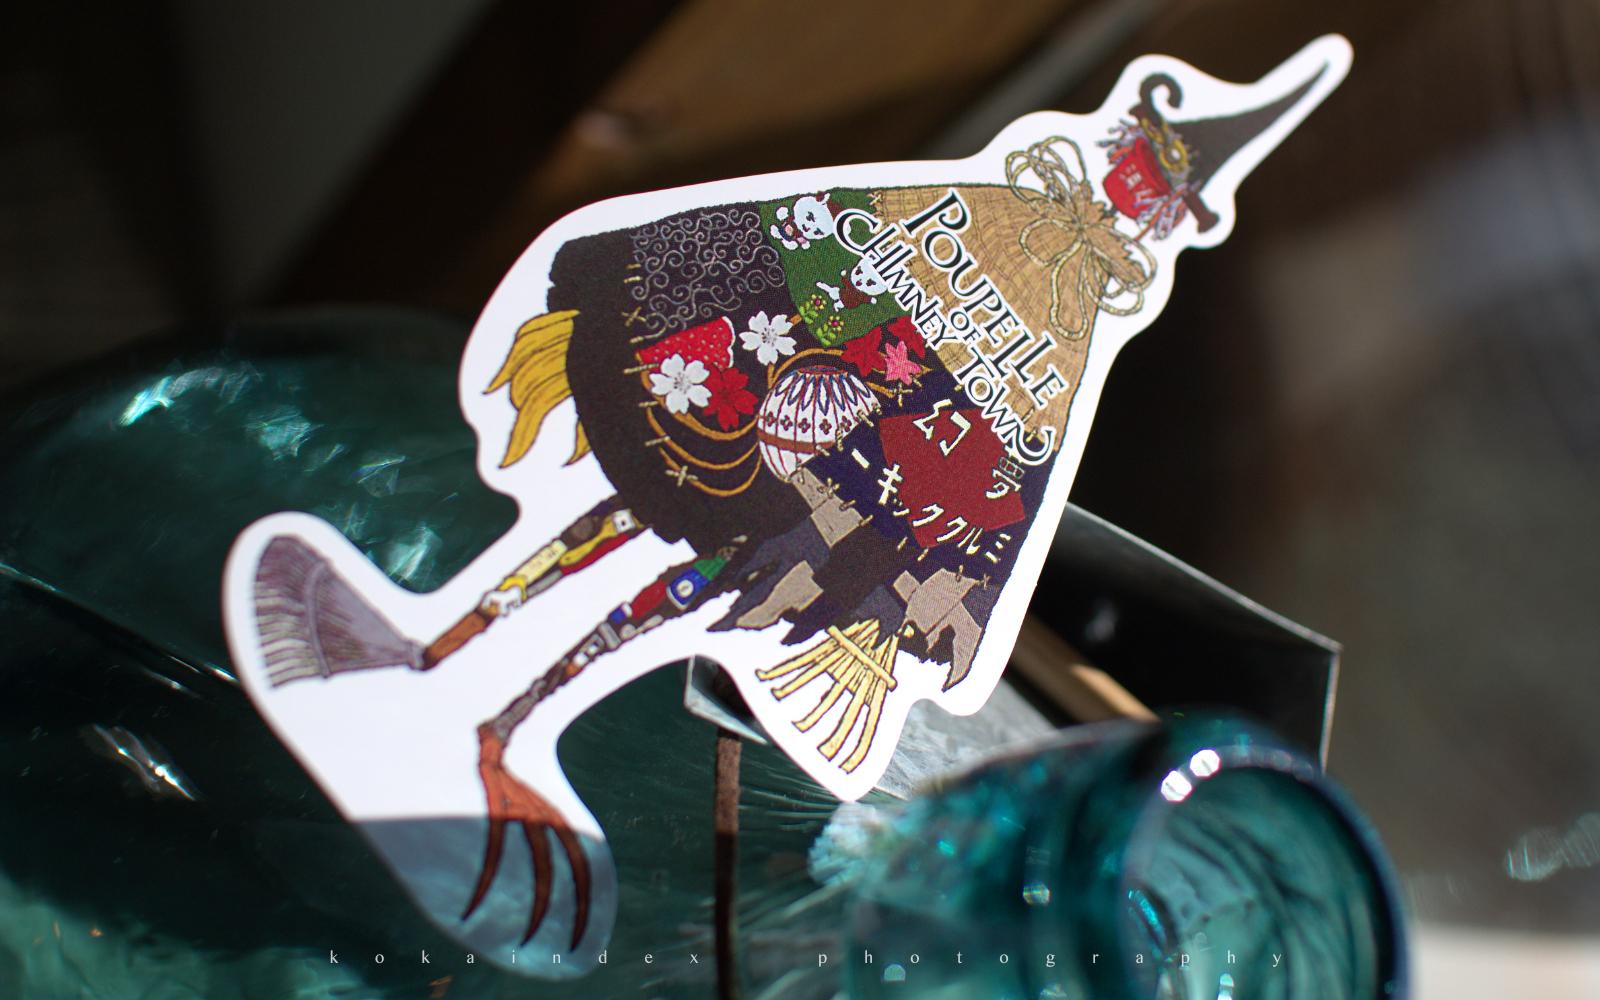 前売りチケット / えんとつ町のプペル展 in 滋賀・にしのあきひろ絵本原画展in滋賀 へ行ってきた。 チケット、アクセスなど情報まとめ